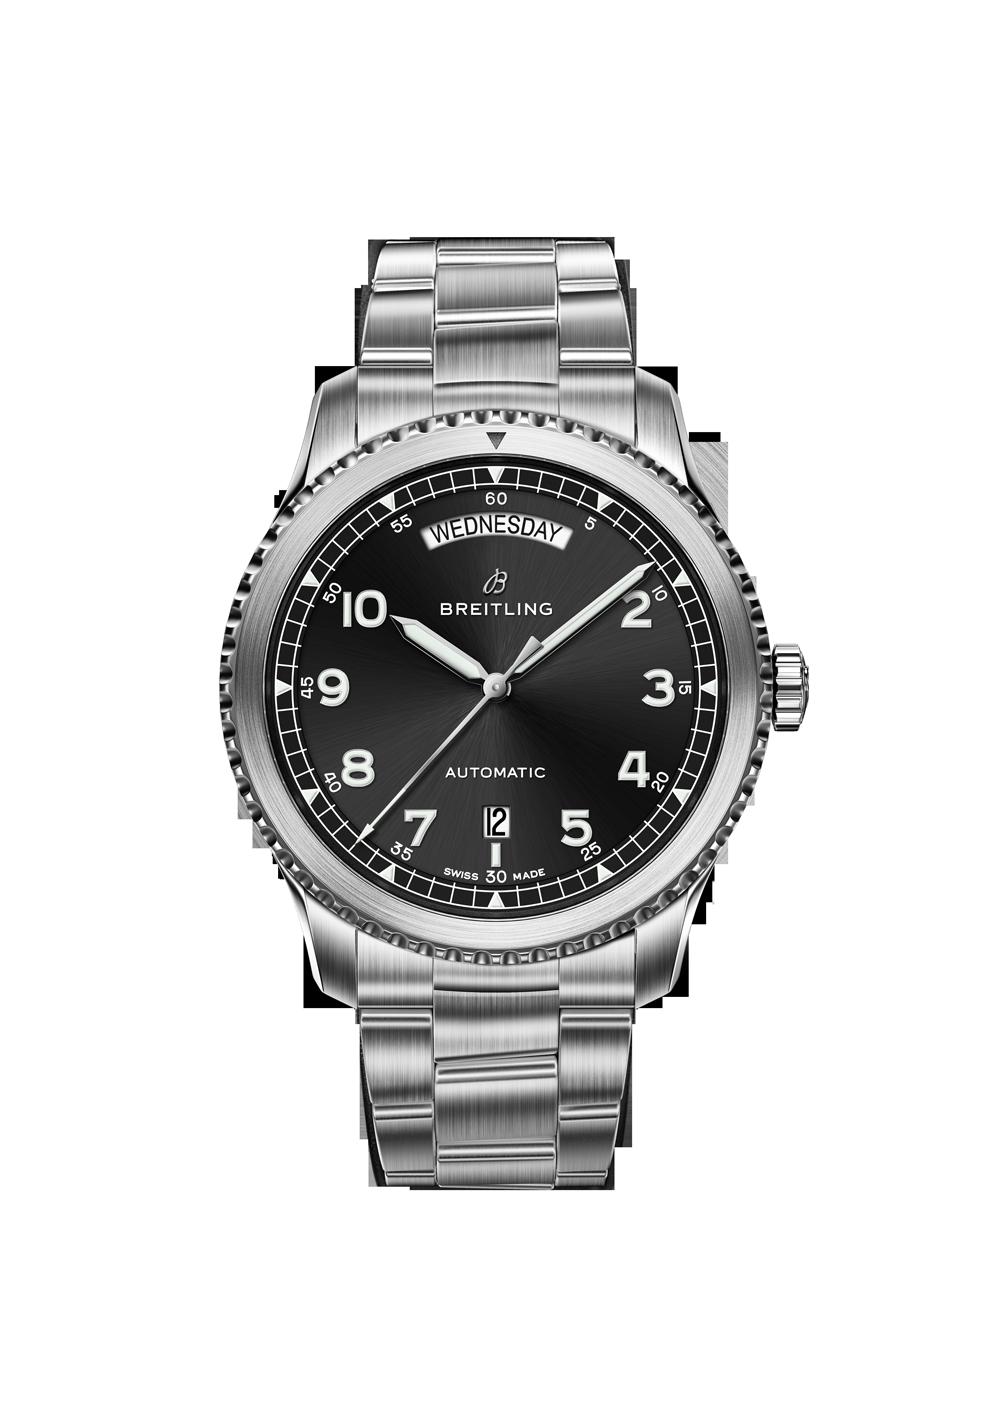 Breitling Navitimer 8 Day Date mit schwarzem Zifferblatt und Stahlband bei Juwelier Hungeling